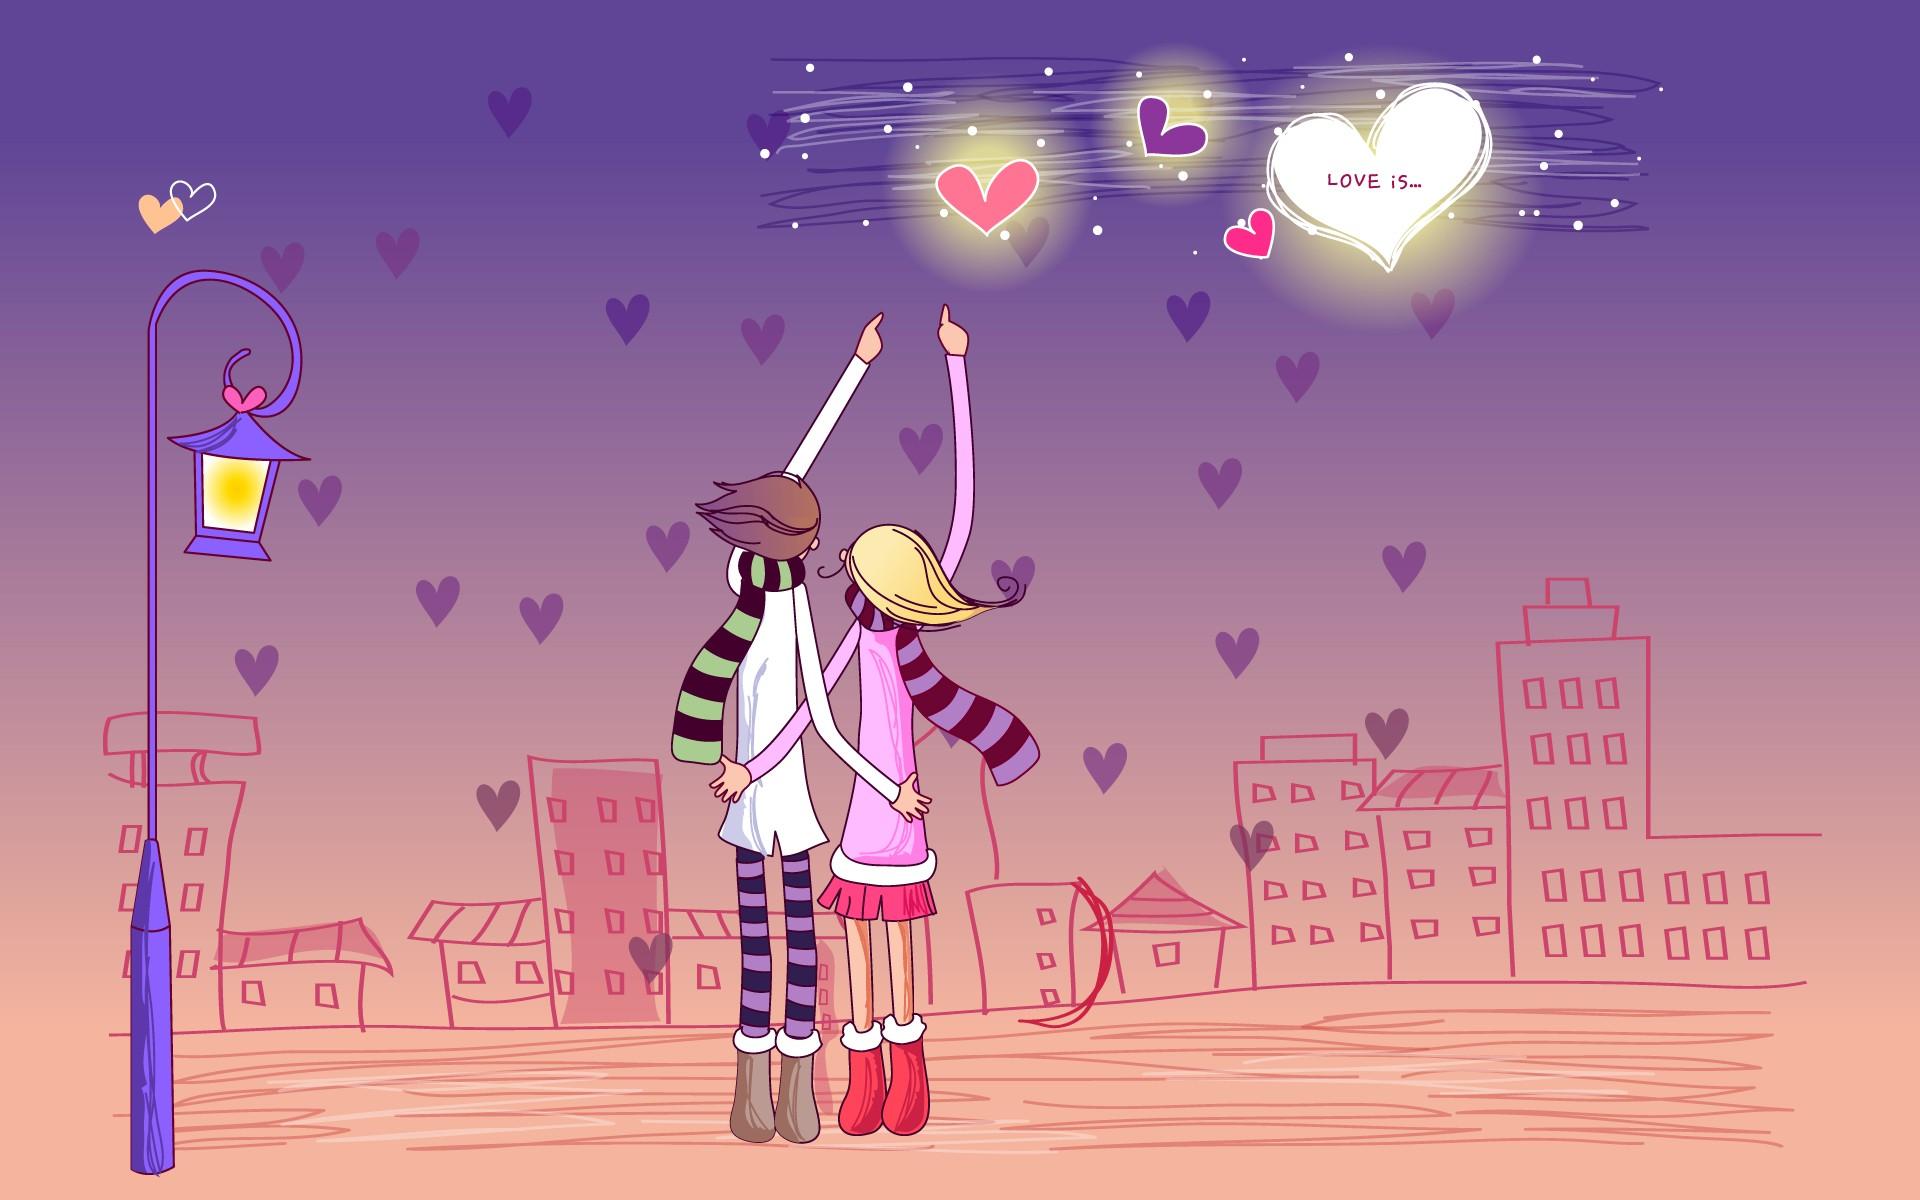 Dibujo de pareja de enamorados - 1920x1200